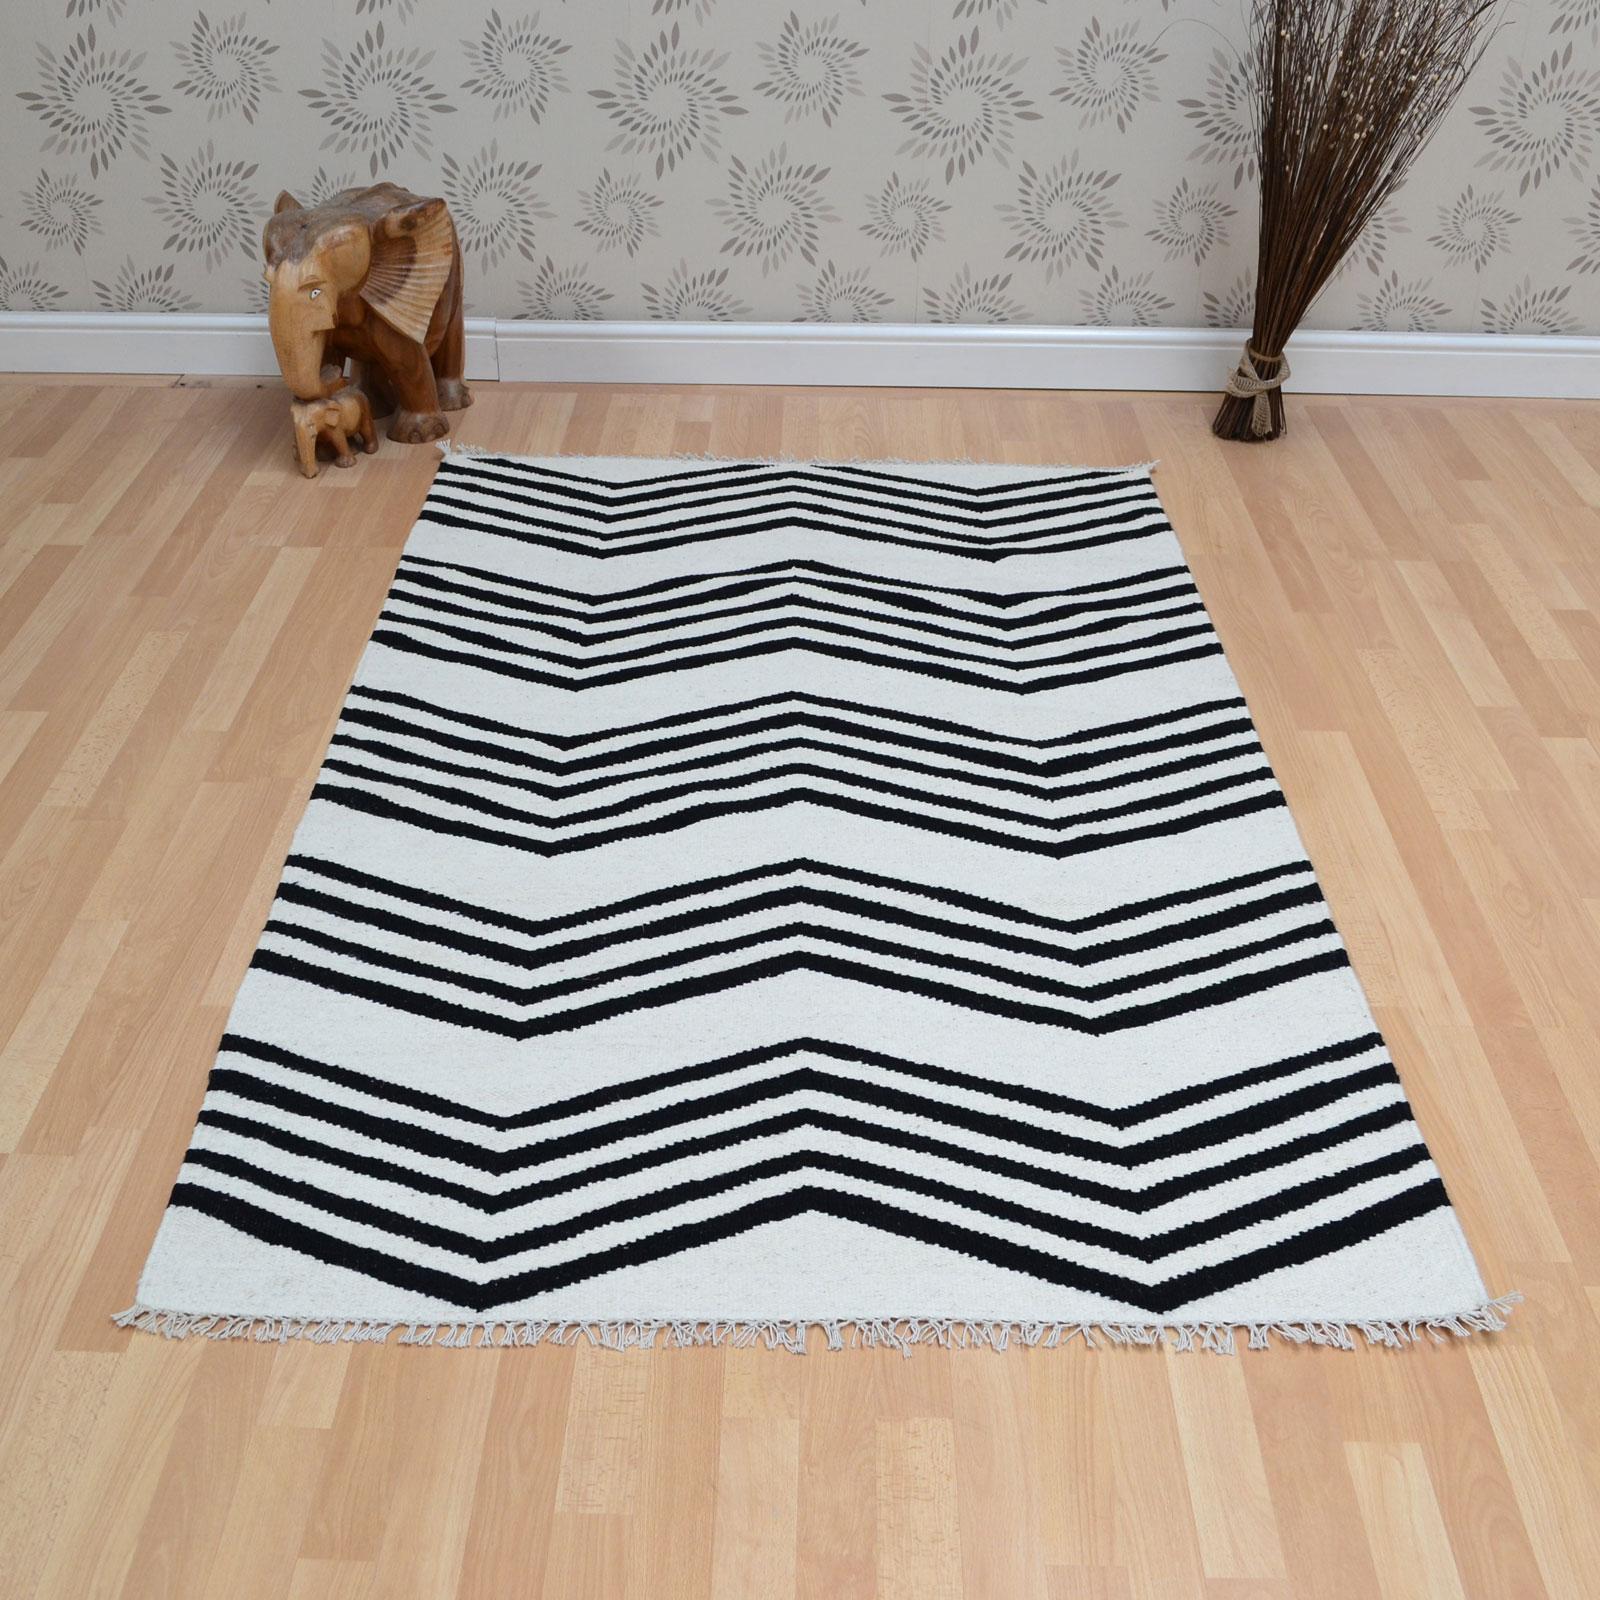 jeff banks kilim zig zag rugs in black white free uk delivery the rug seller. Black Bedroom Furniture Sets. Home Design Ideas